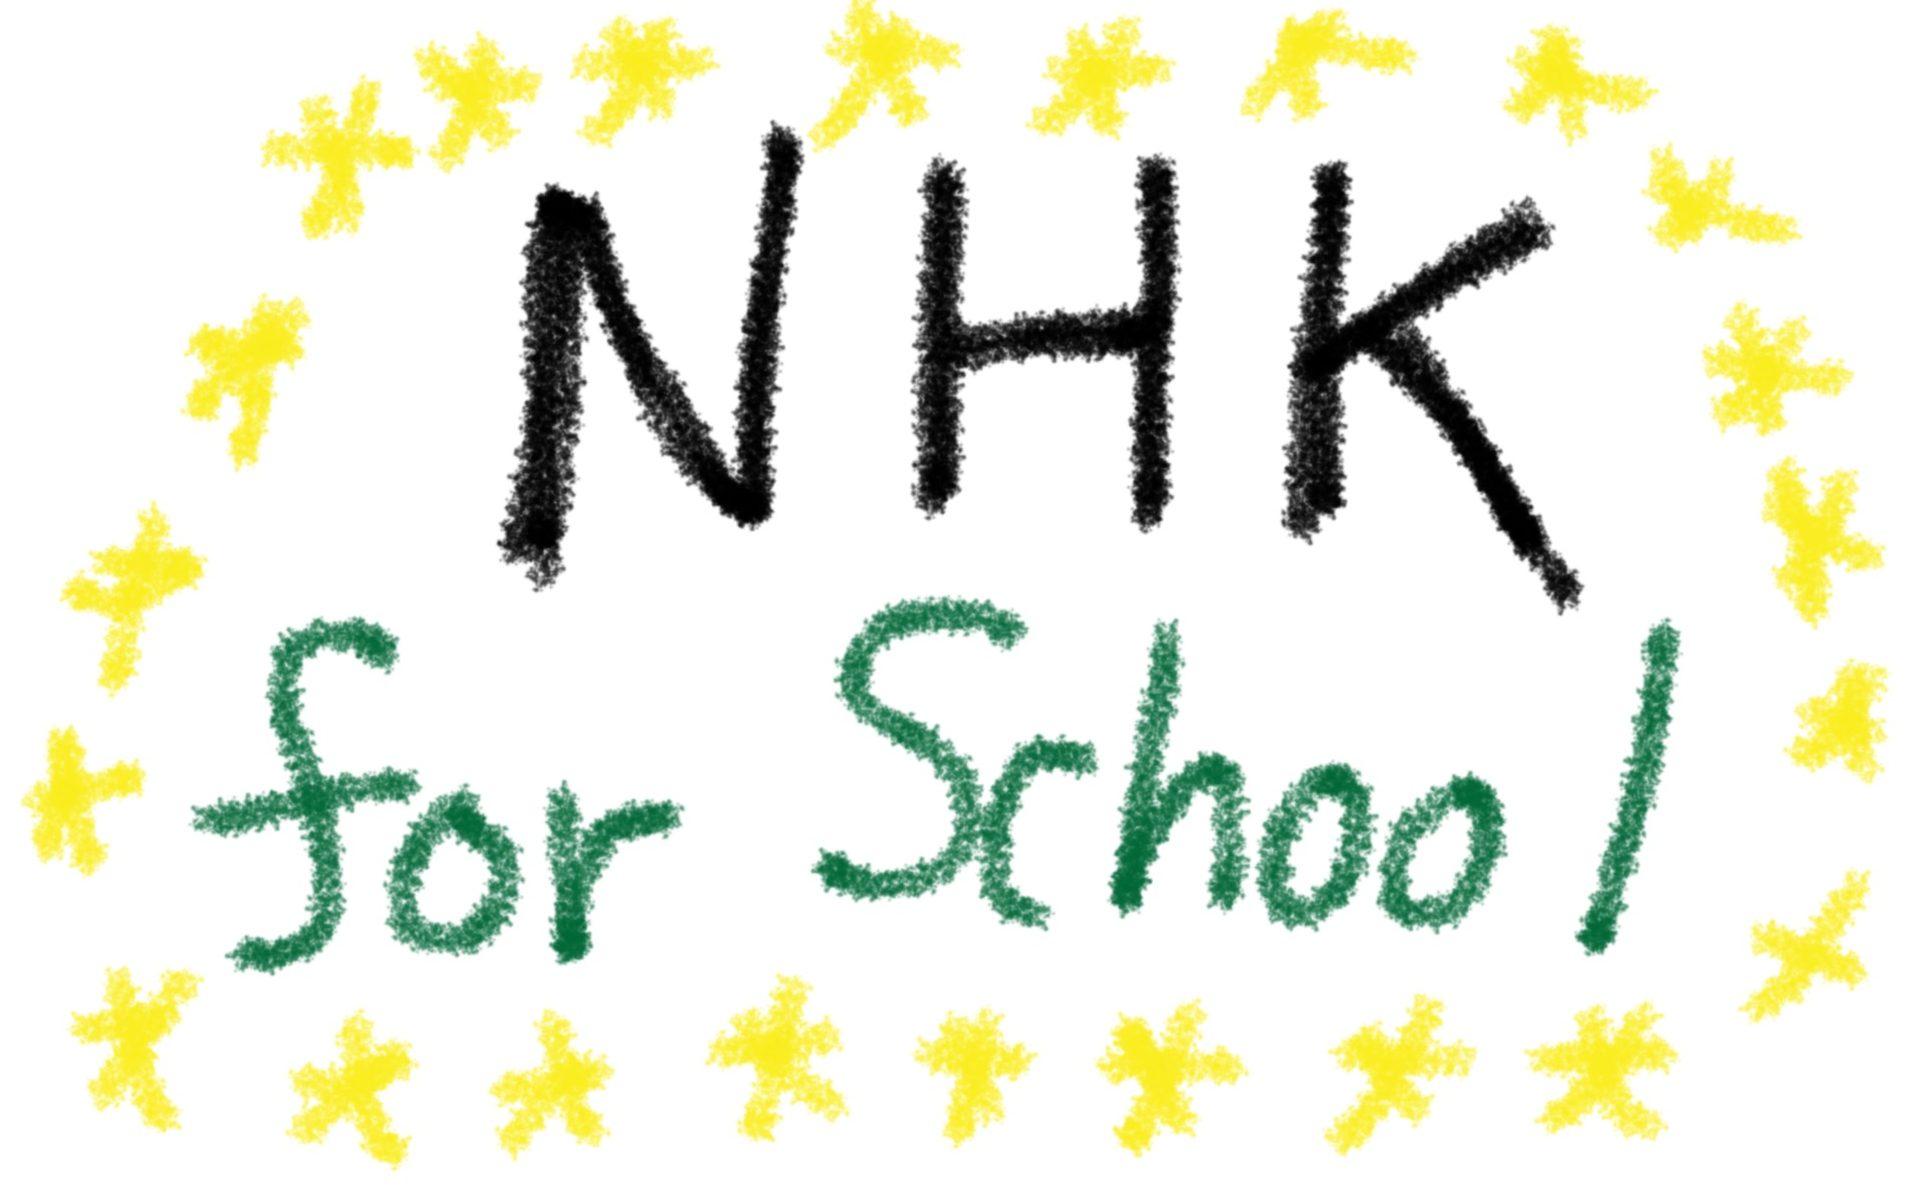 NHK for Schoolはすごい!学校向けの動画が無料でいつでも見放題♪活用しましょう♪